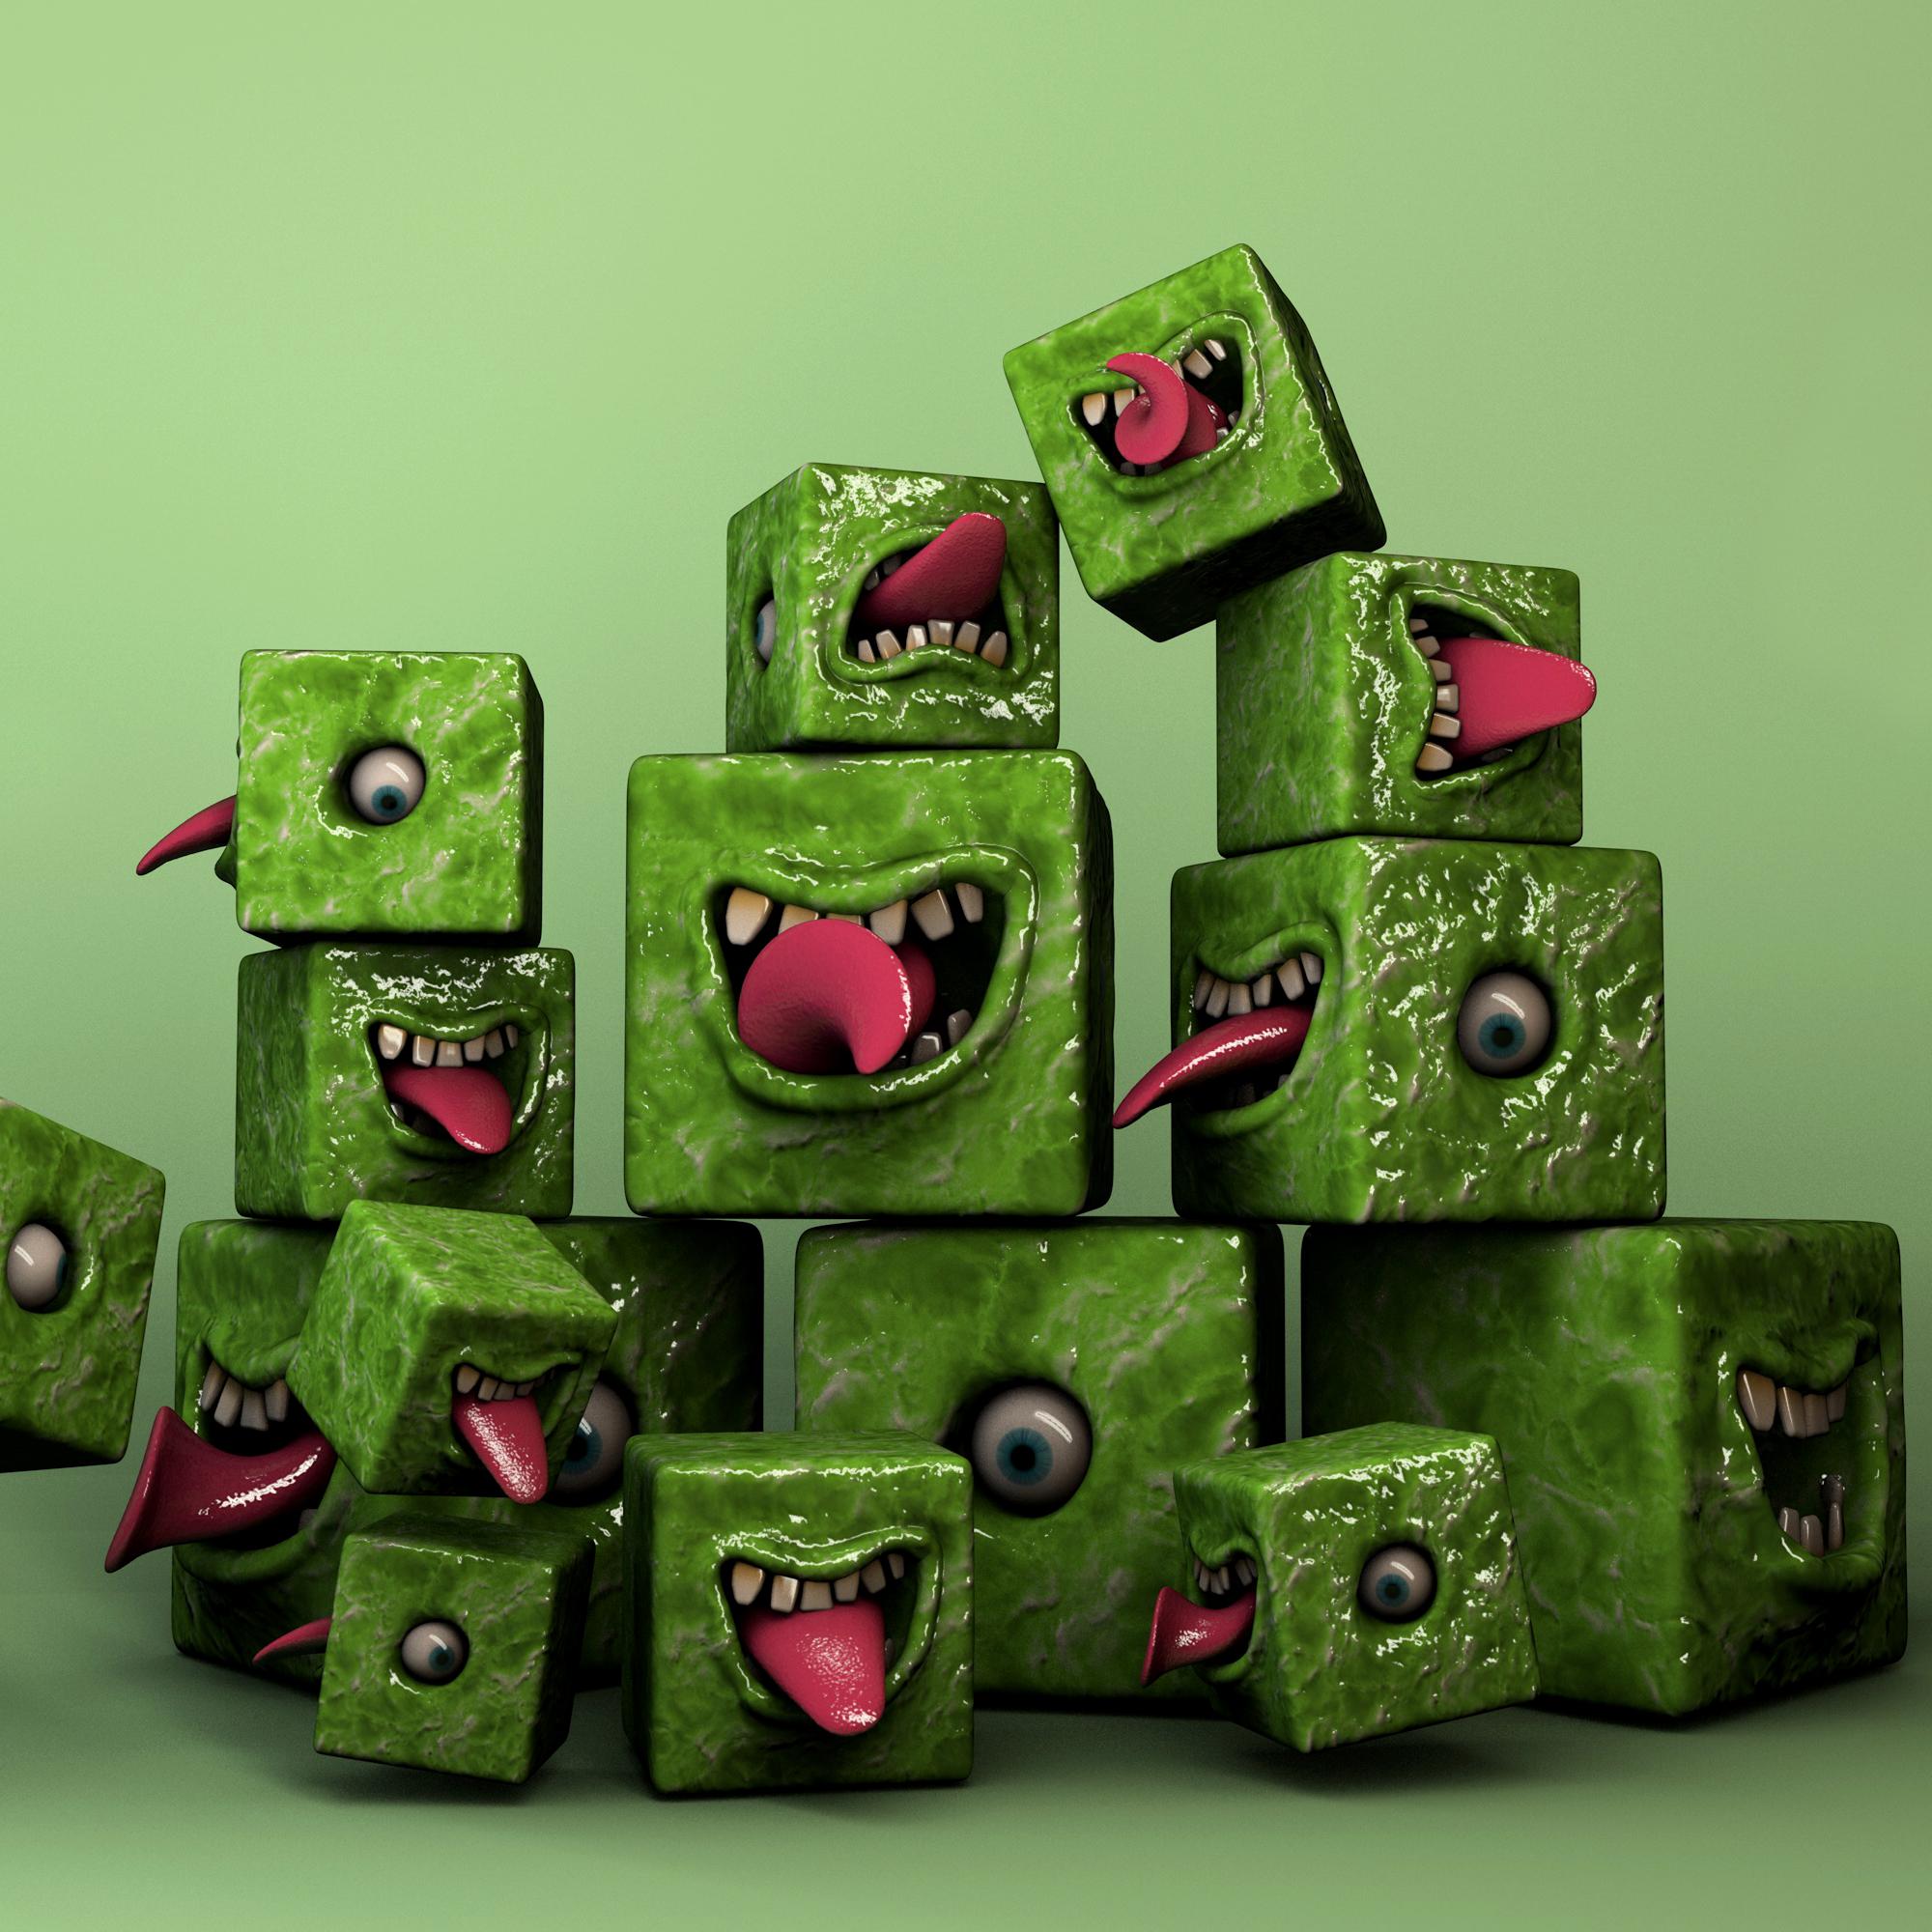 pet cubes07 - insta